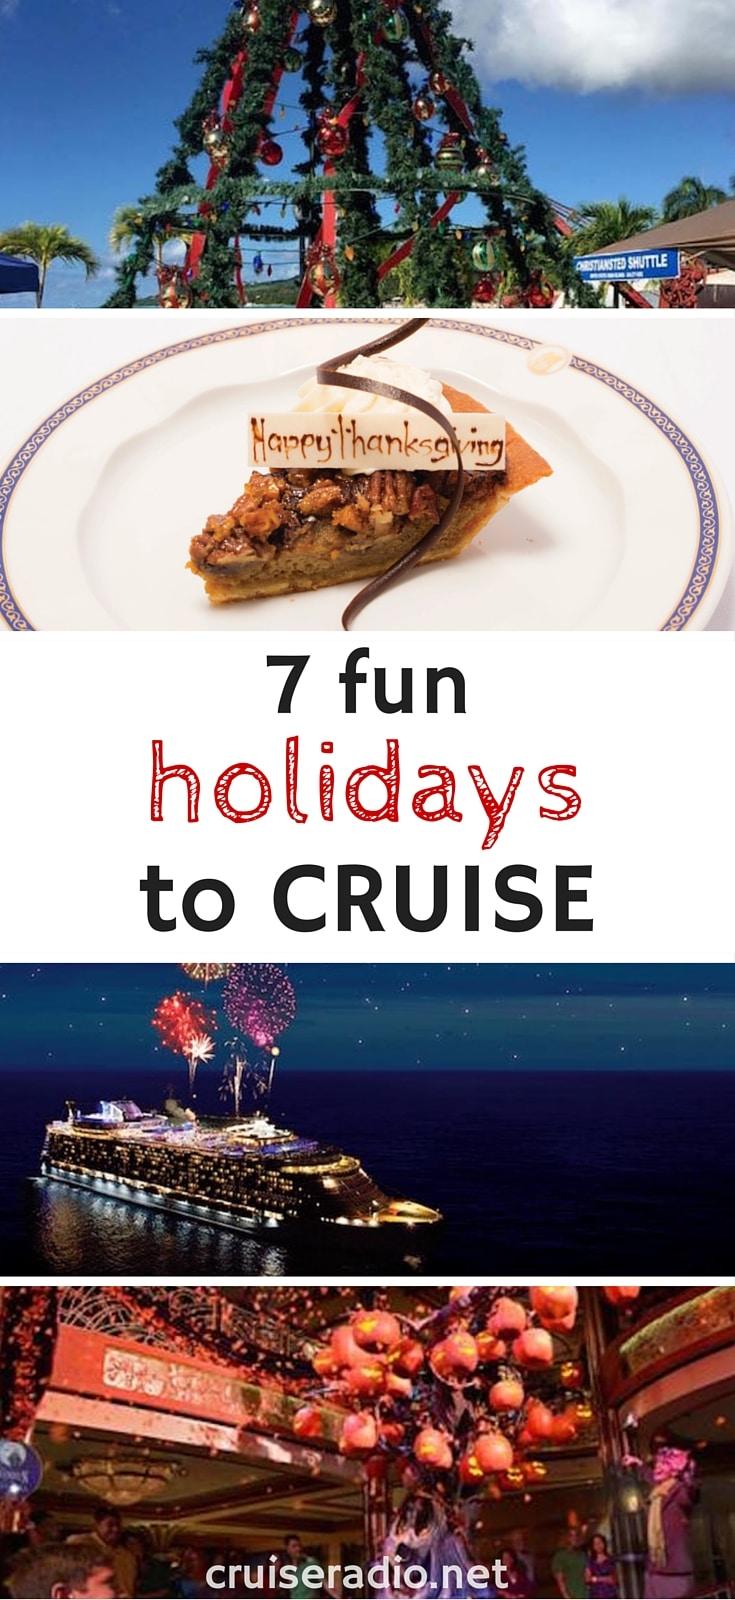 #cruise #travel #holidays #traveltips #vacation